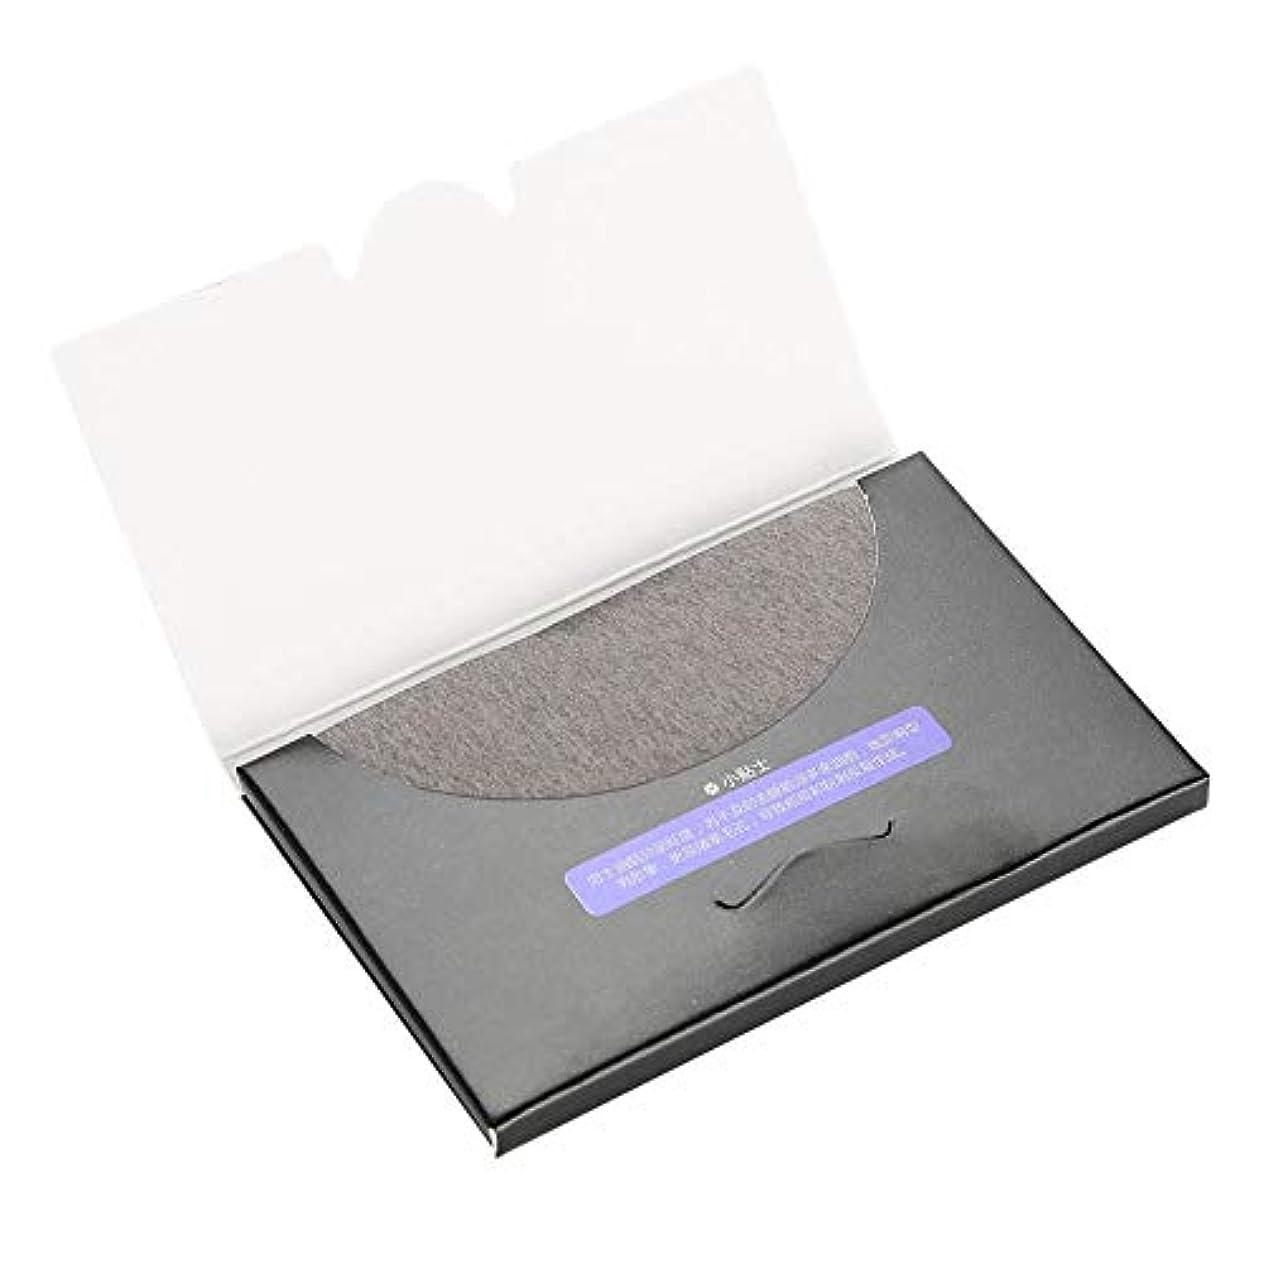 に変わるほかに化学者80枚/袋吸油布 - 化粧フィルムのクリーニング、吸い取り紙の消去 - きれいな吸い取り紙